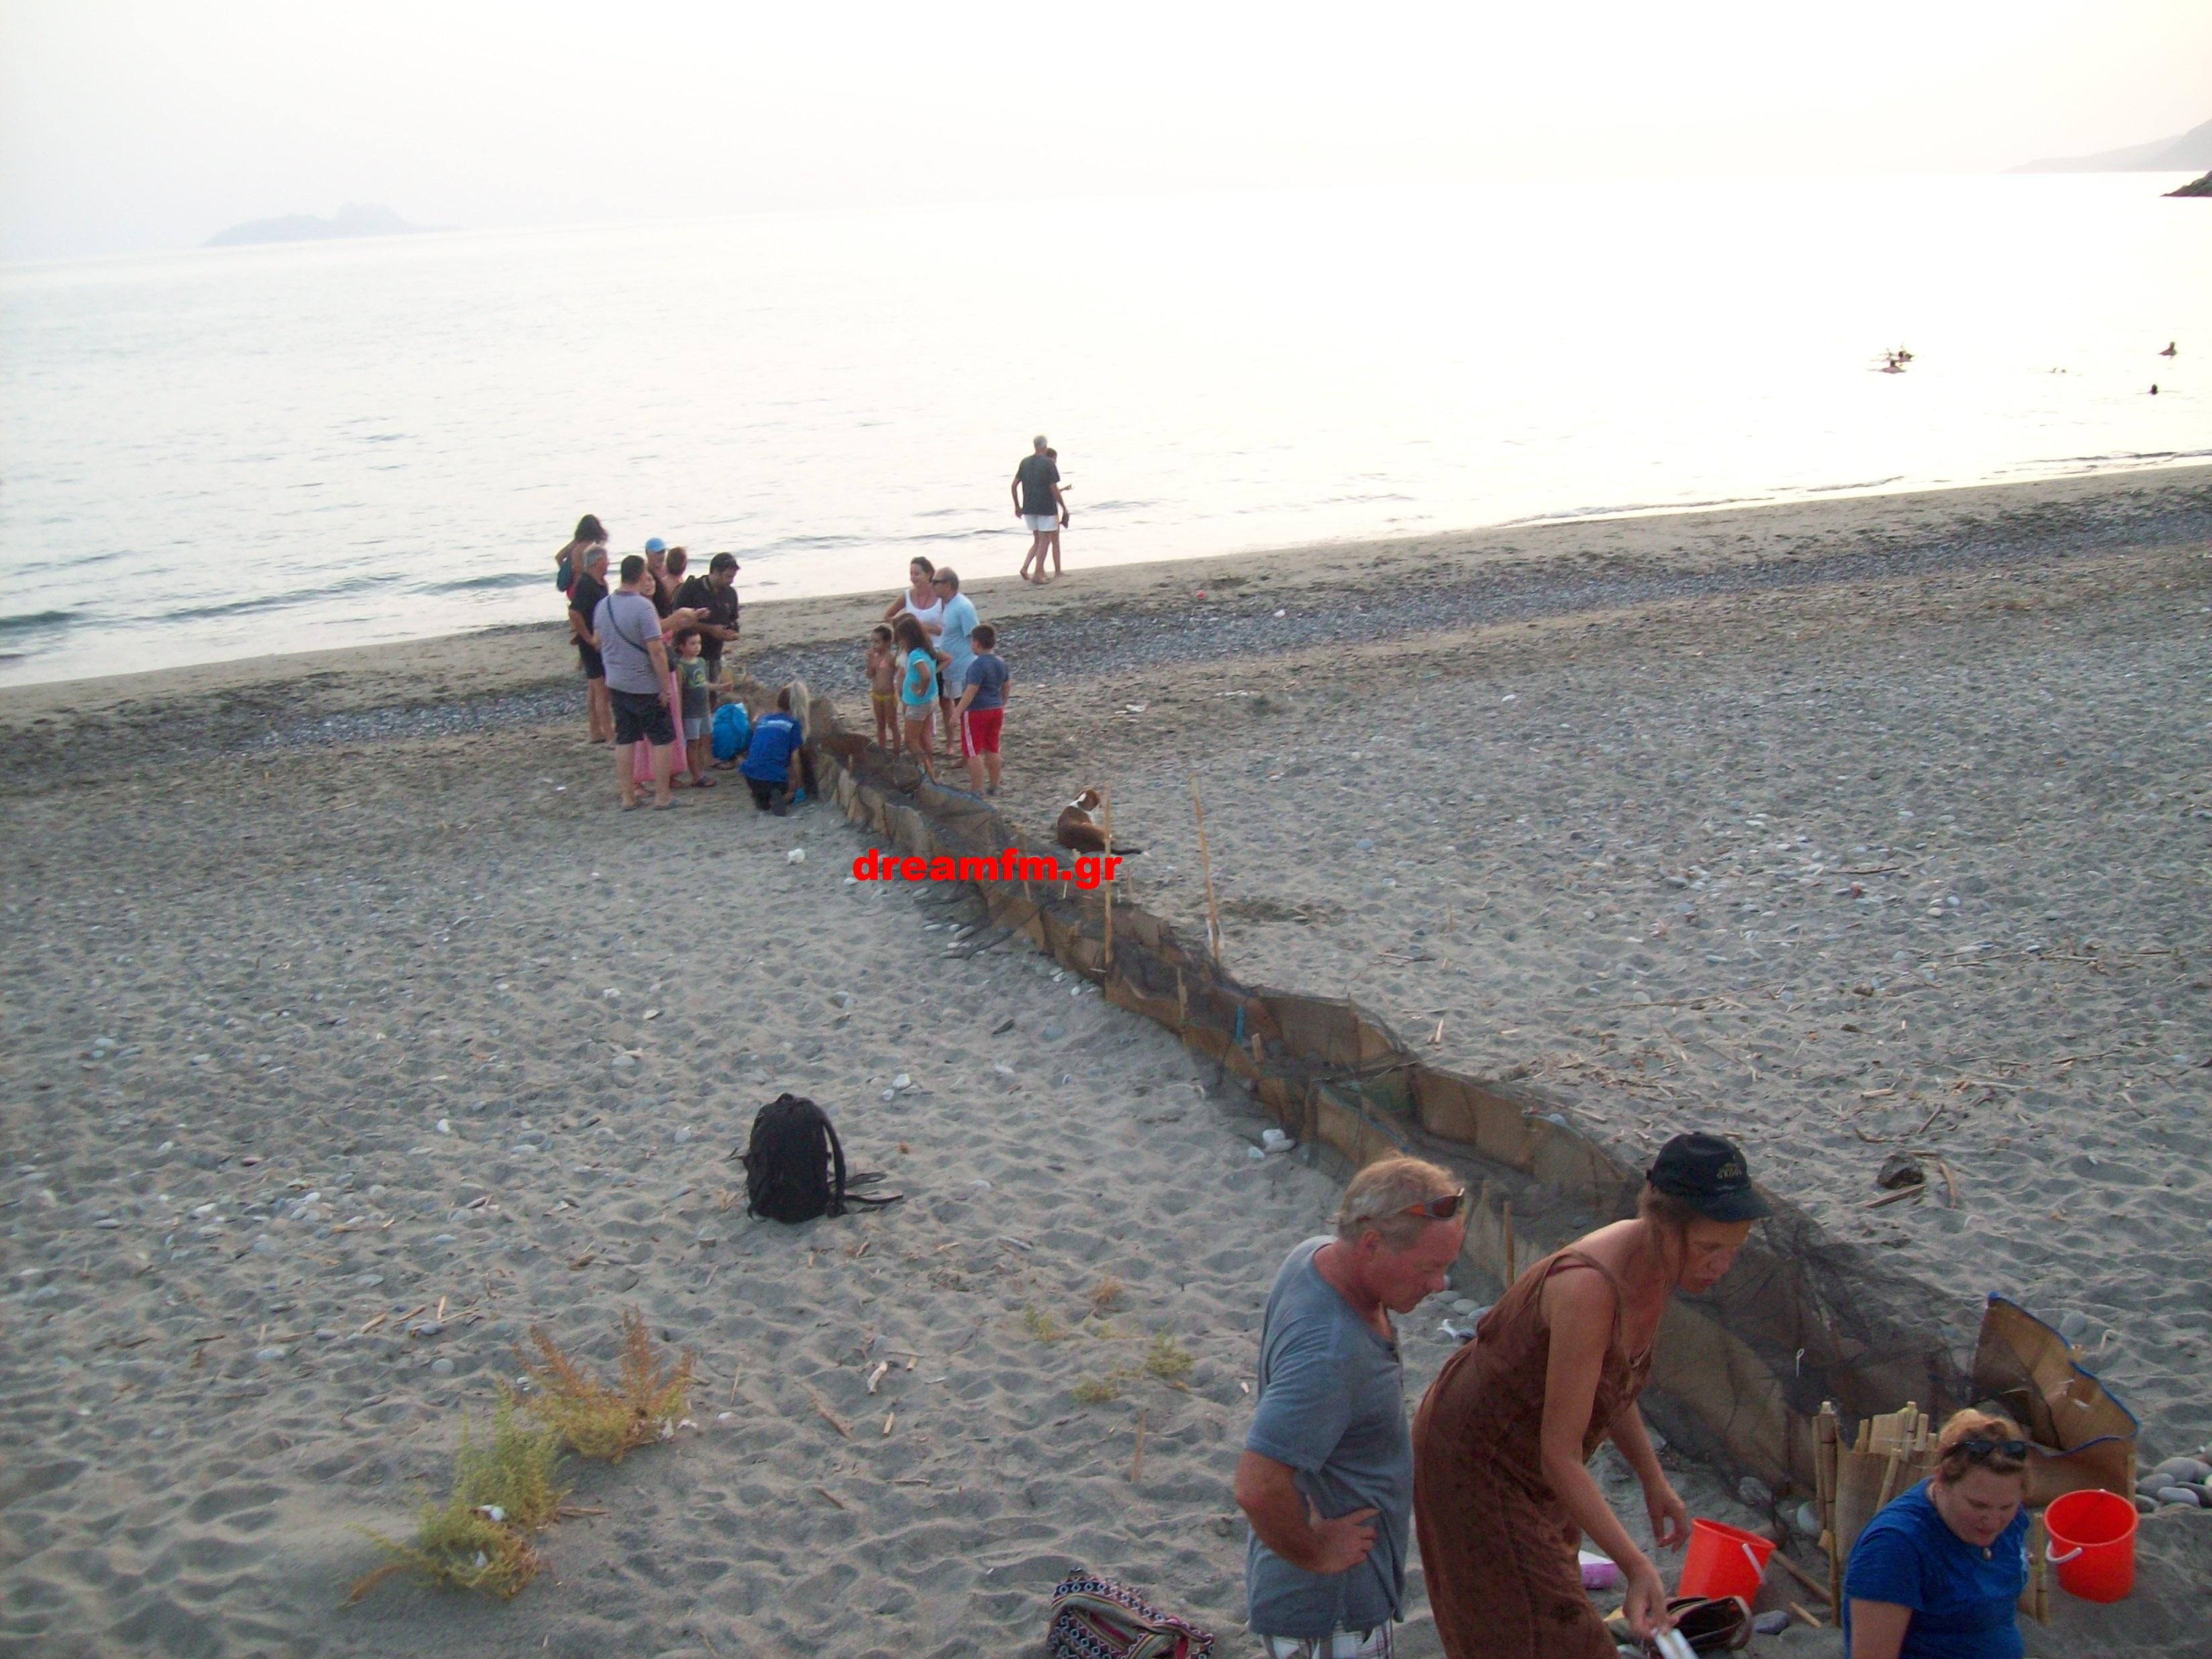 Εθελοντές και λουόμενοι παρακολουθούν το χελωνάκι